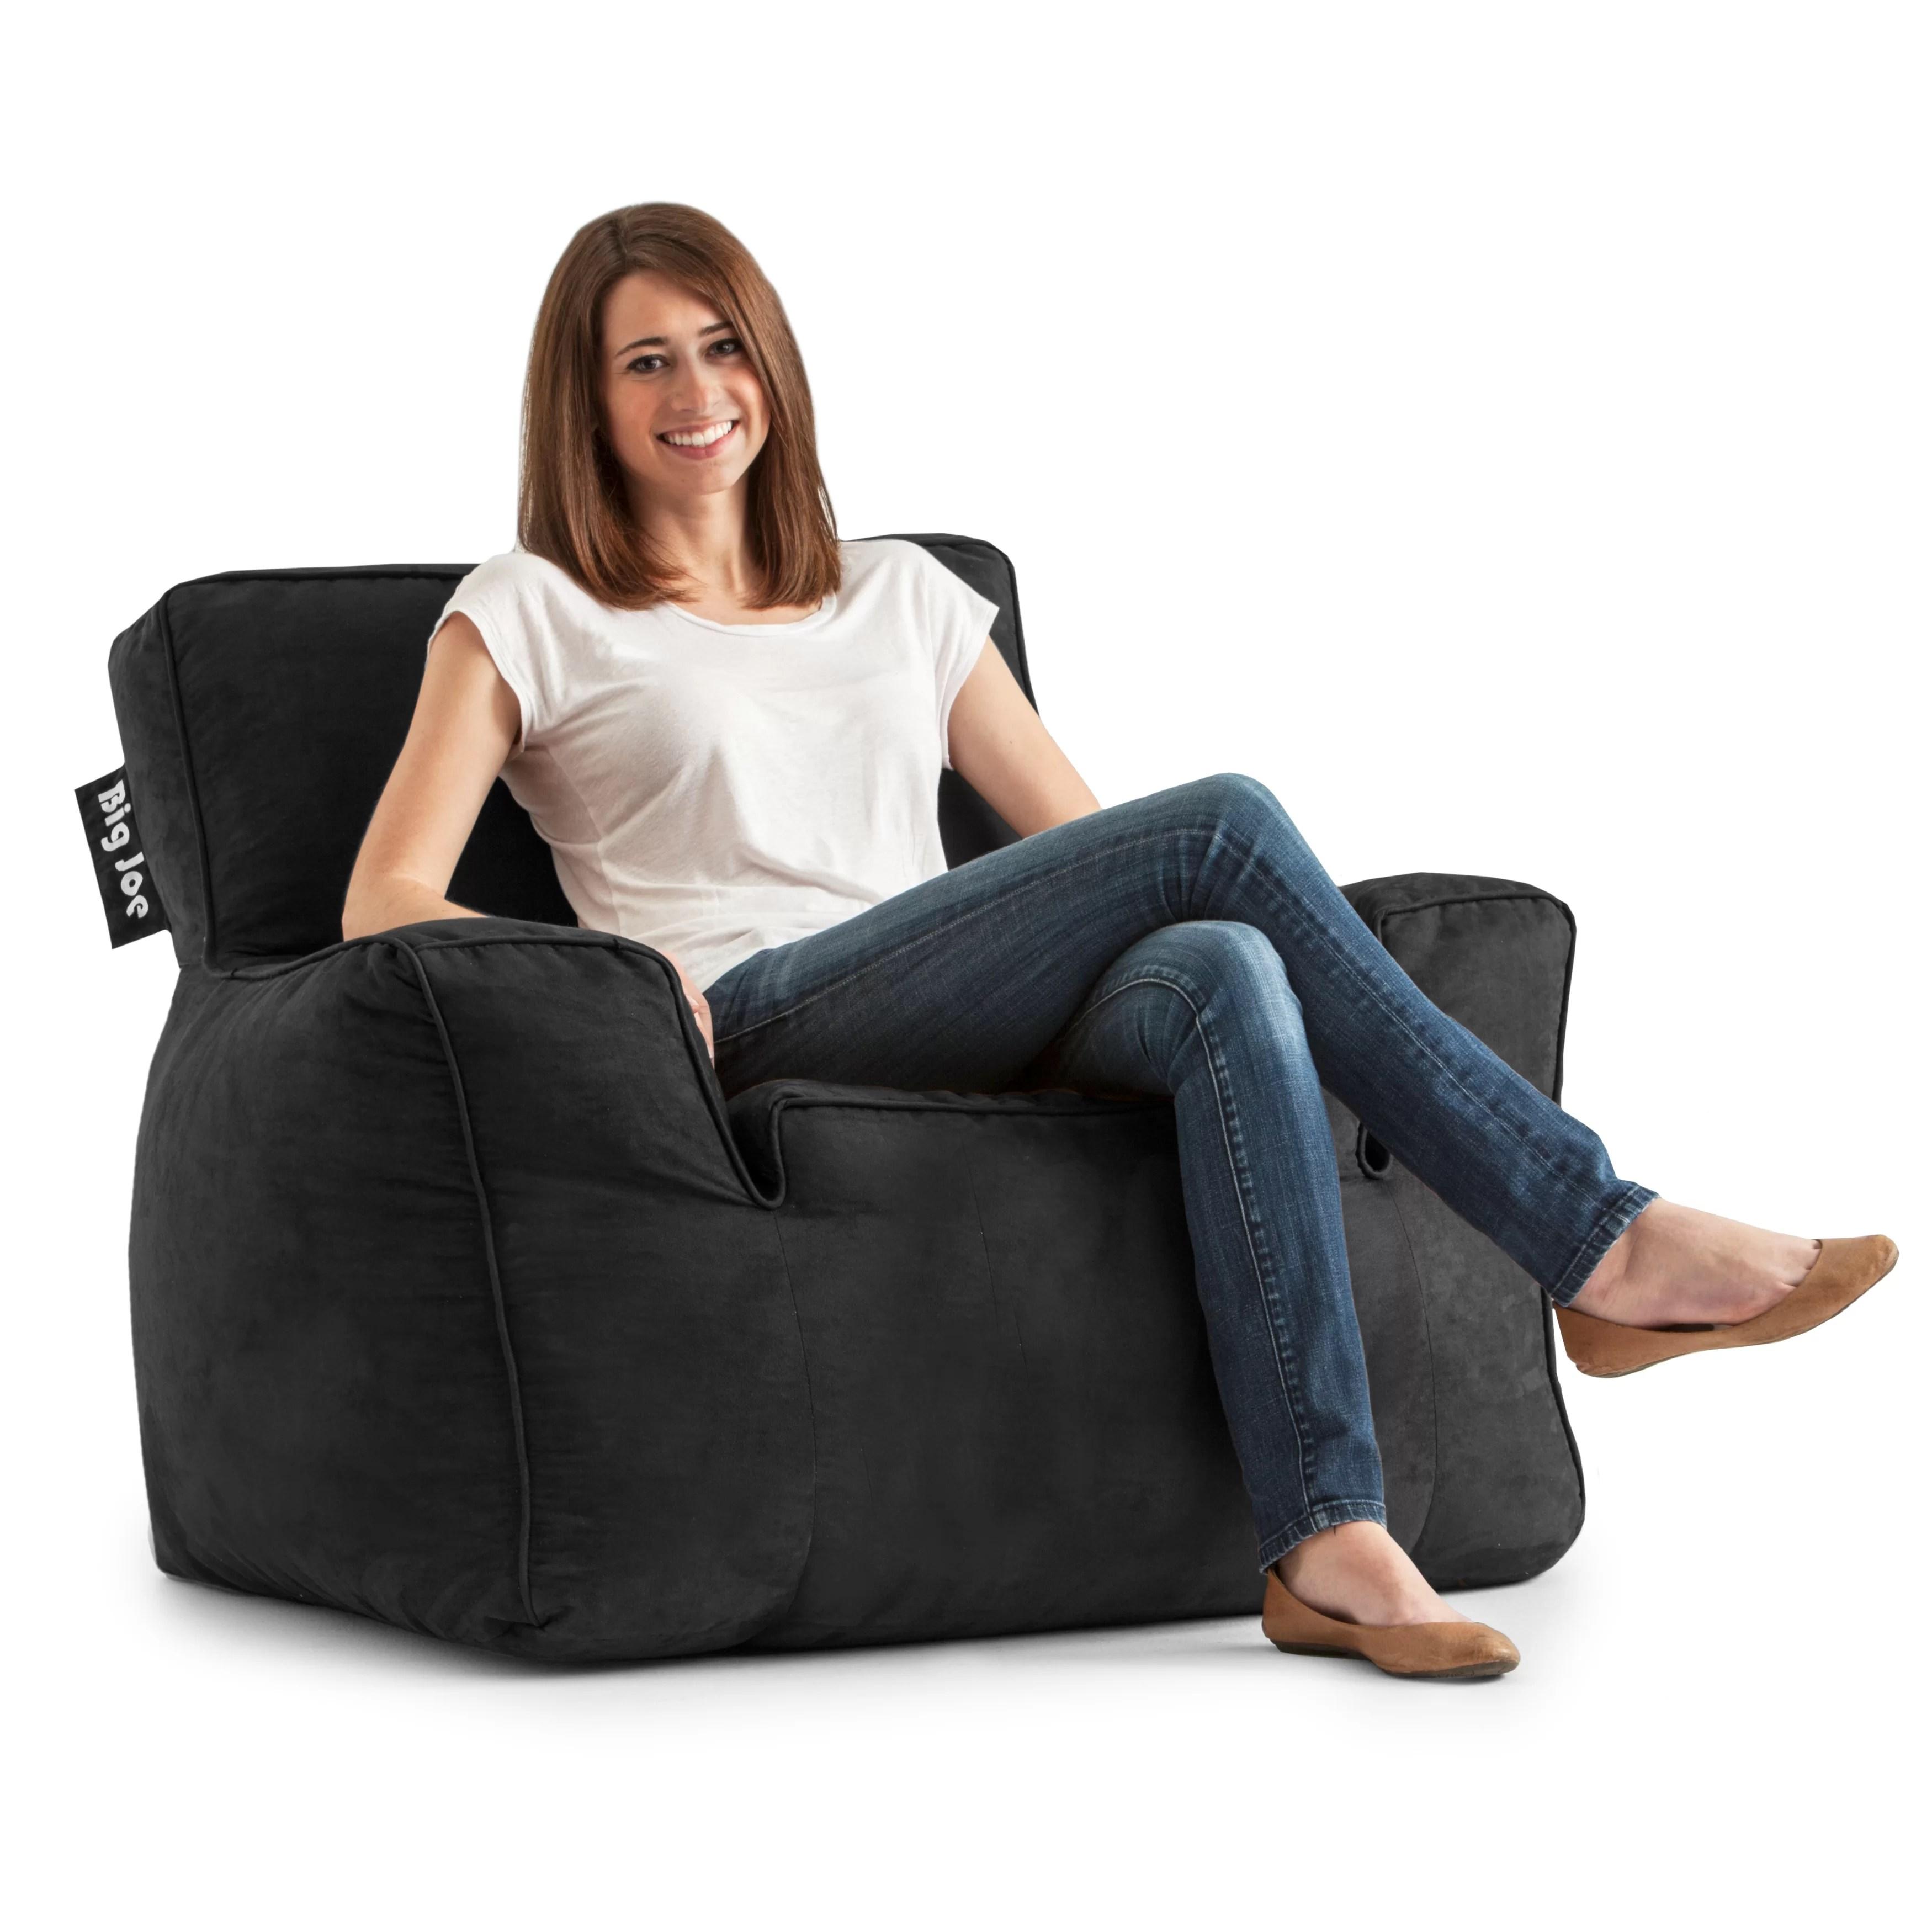 Comfort Research Big Joe Suite Bean Bag Lounger  Reviews